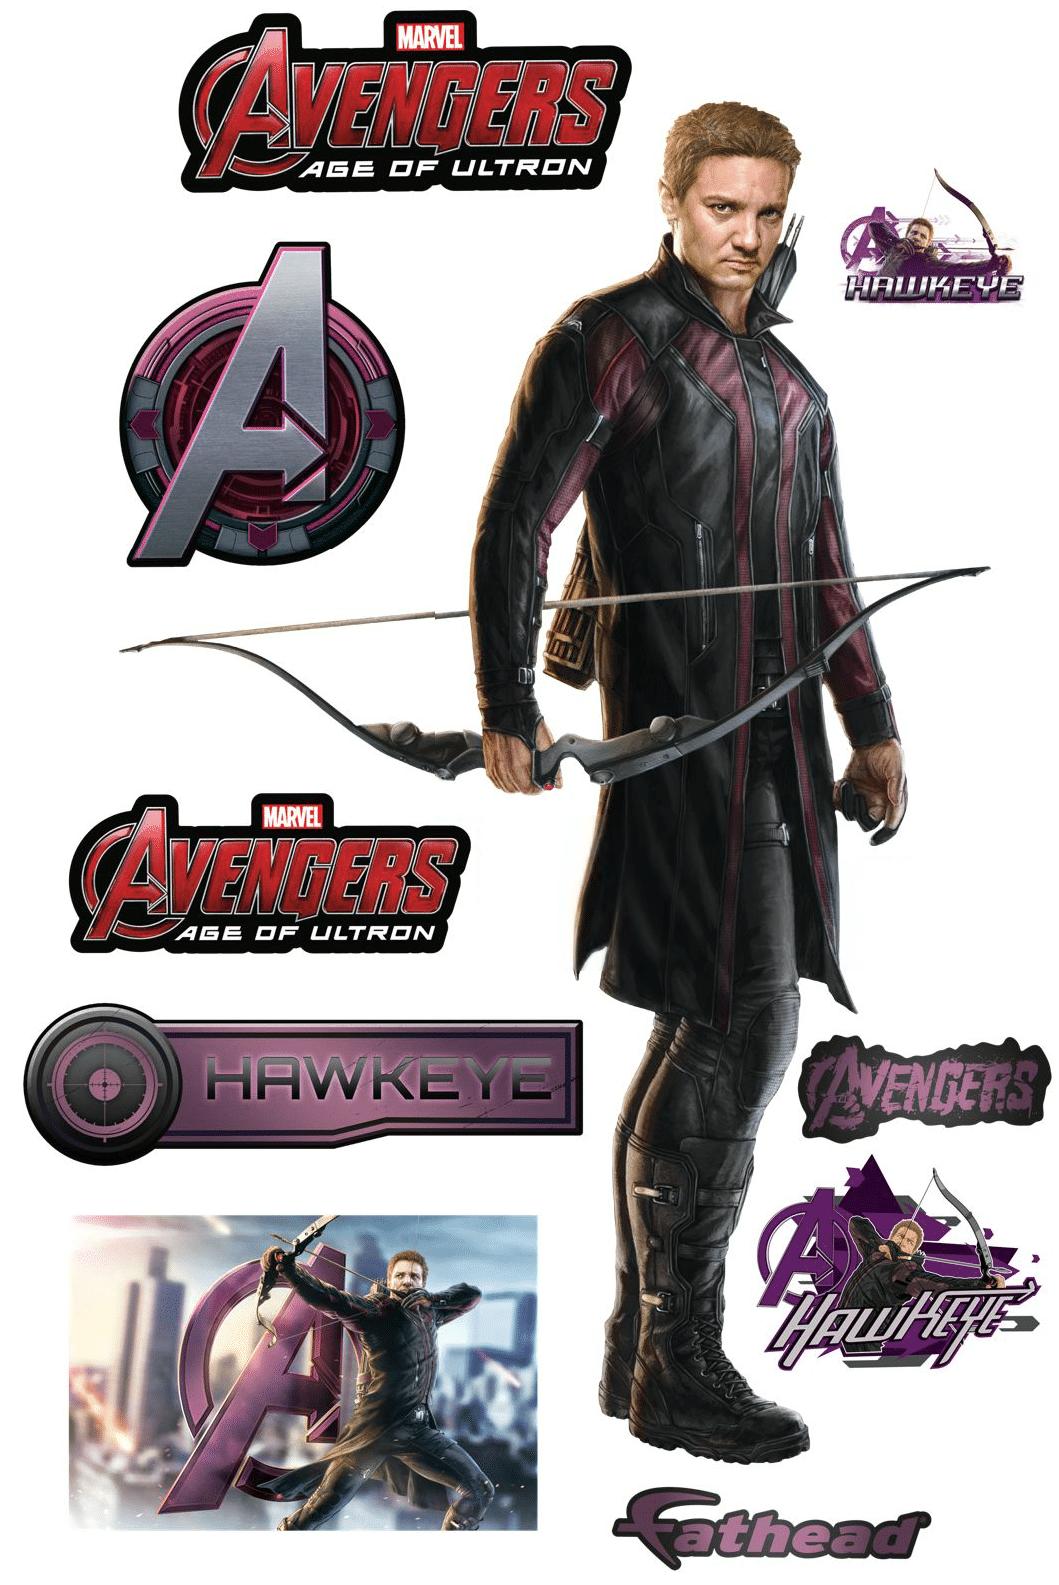 news_avengers281